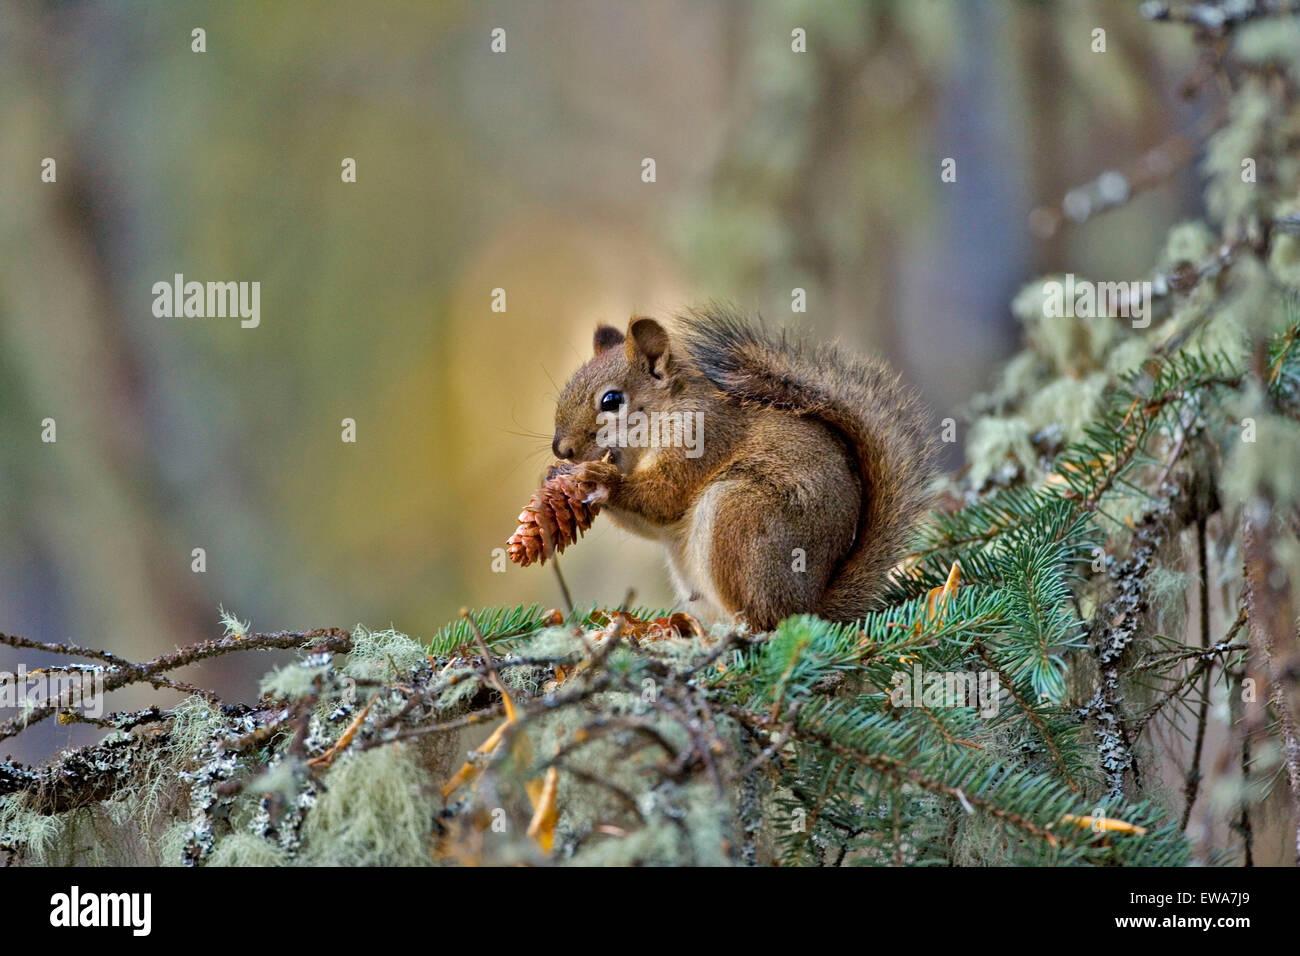 Scoiattolo rosso nella struttura ad albero, si nutrono di semi cono Immagini Stock